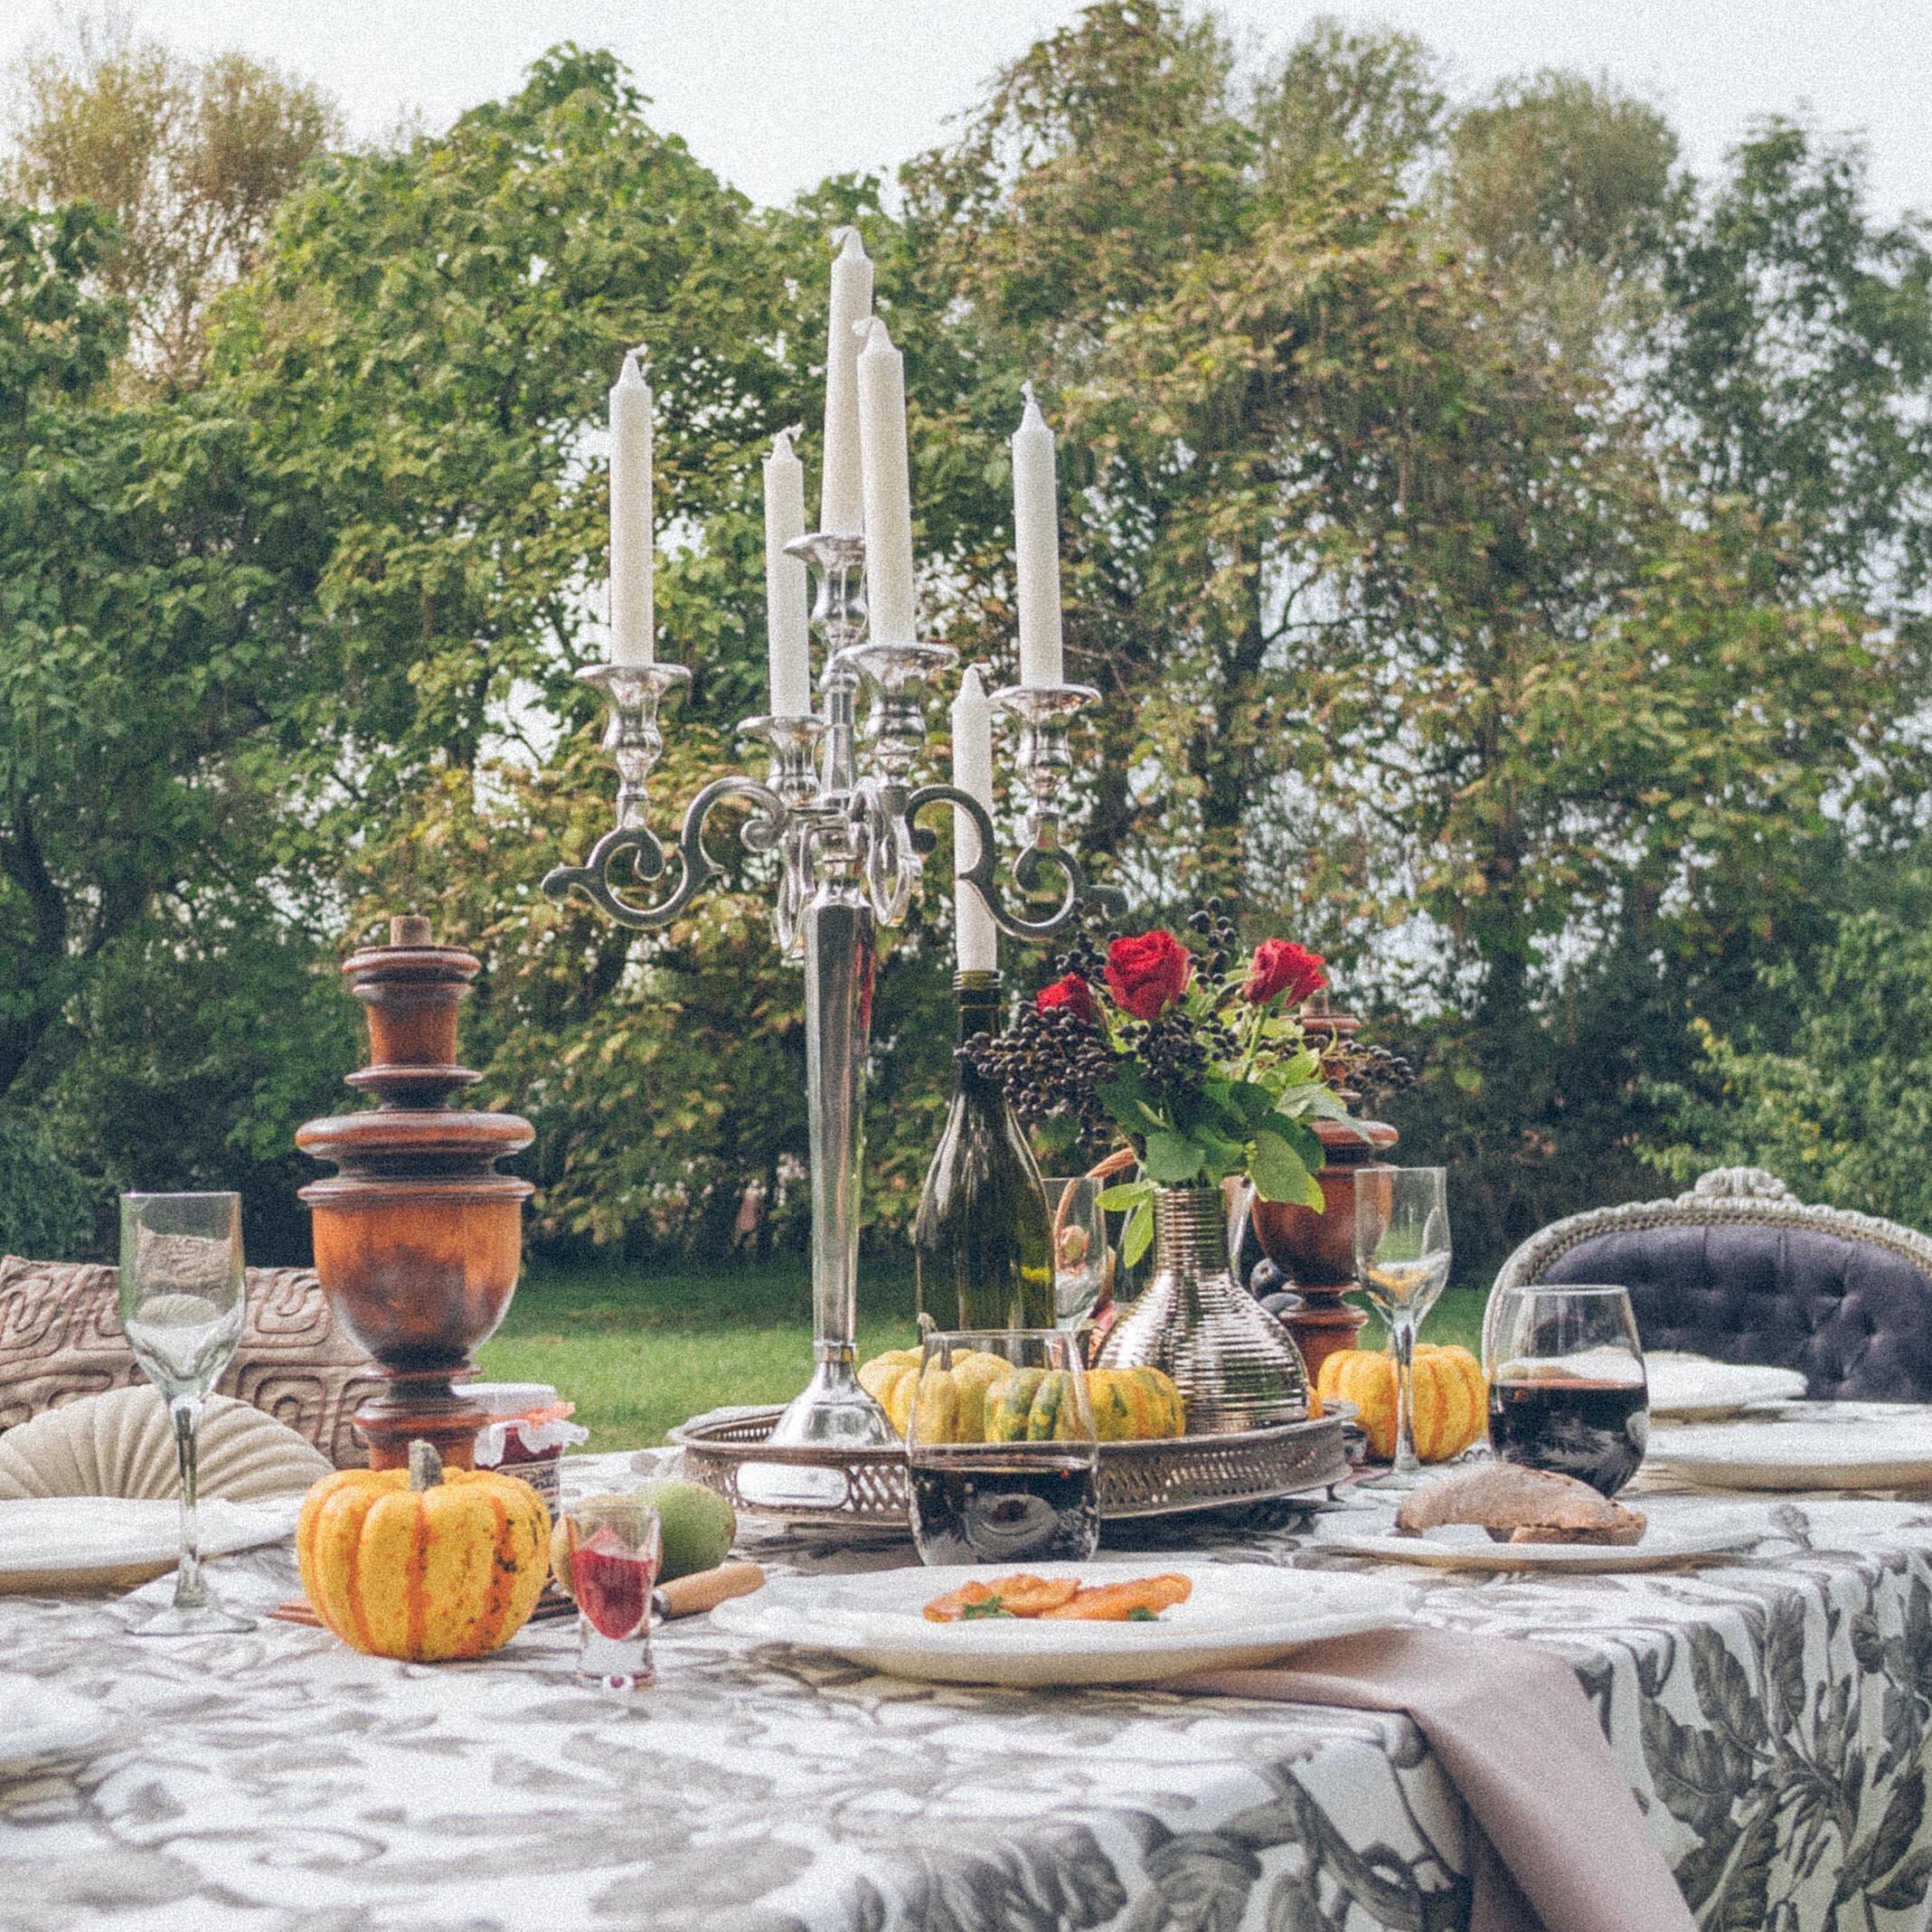 Świętuj w pałacu przy romantycznej kolacji dla dwojga - Planują państwo coś wyjątkowego na szczególną okazję? Urodziny, oświadczyny, rocznicę ślubu? Chcą państwo, aby było to niezapomniane przeżycie?Chętnie pomożemy.Nasz dyskretny i profesjonalny zespół, chętnie podejmie się stworzenia magicznej atmosfery w Pałacu Osowa Sień, która będzie wspominana z uśmiechem przez całe życie. Prosimy o przesłanie swoich życzeń na adres e-mail Matt@palacosowasien.pl, a my zajmiemy się resztą.